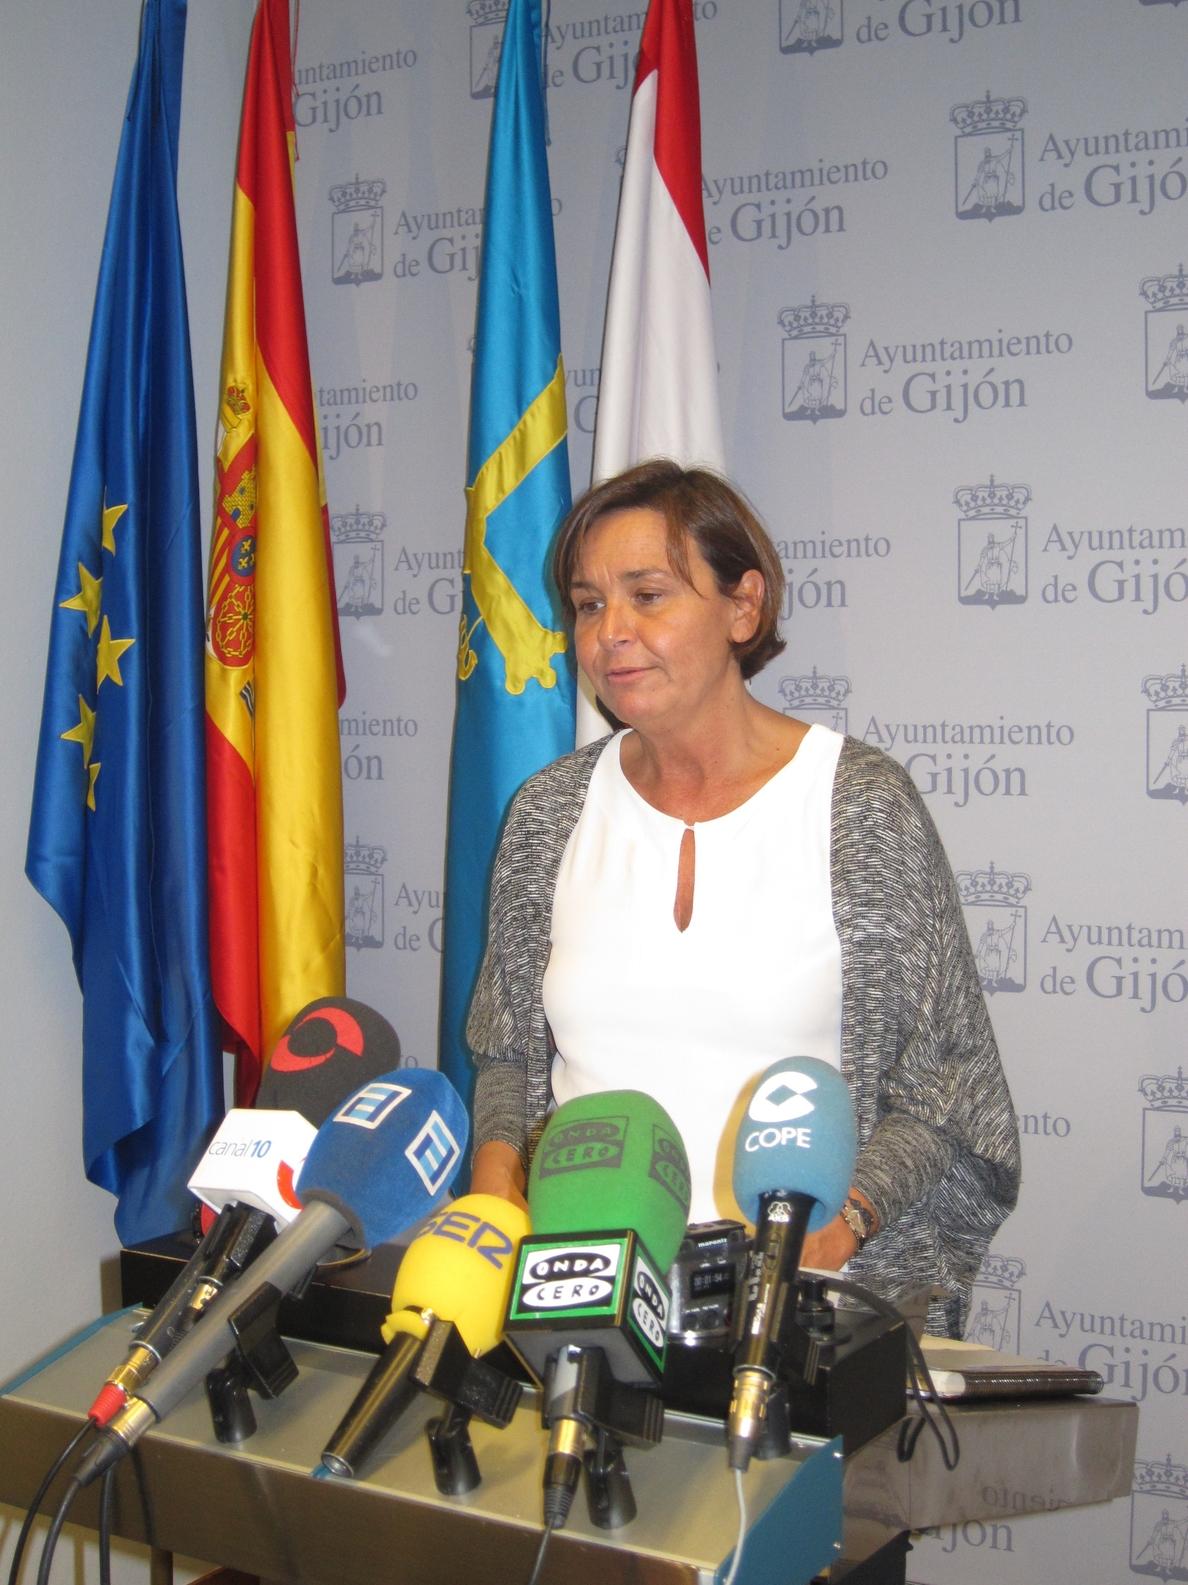 La Fiscalía archiva una denuncia contra la alcaldesa de Gijón por no apreciar «ninguna» infracción penal